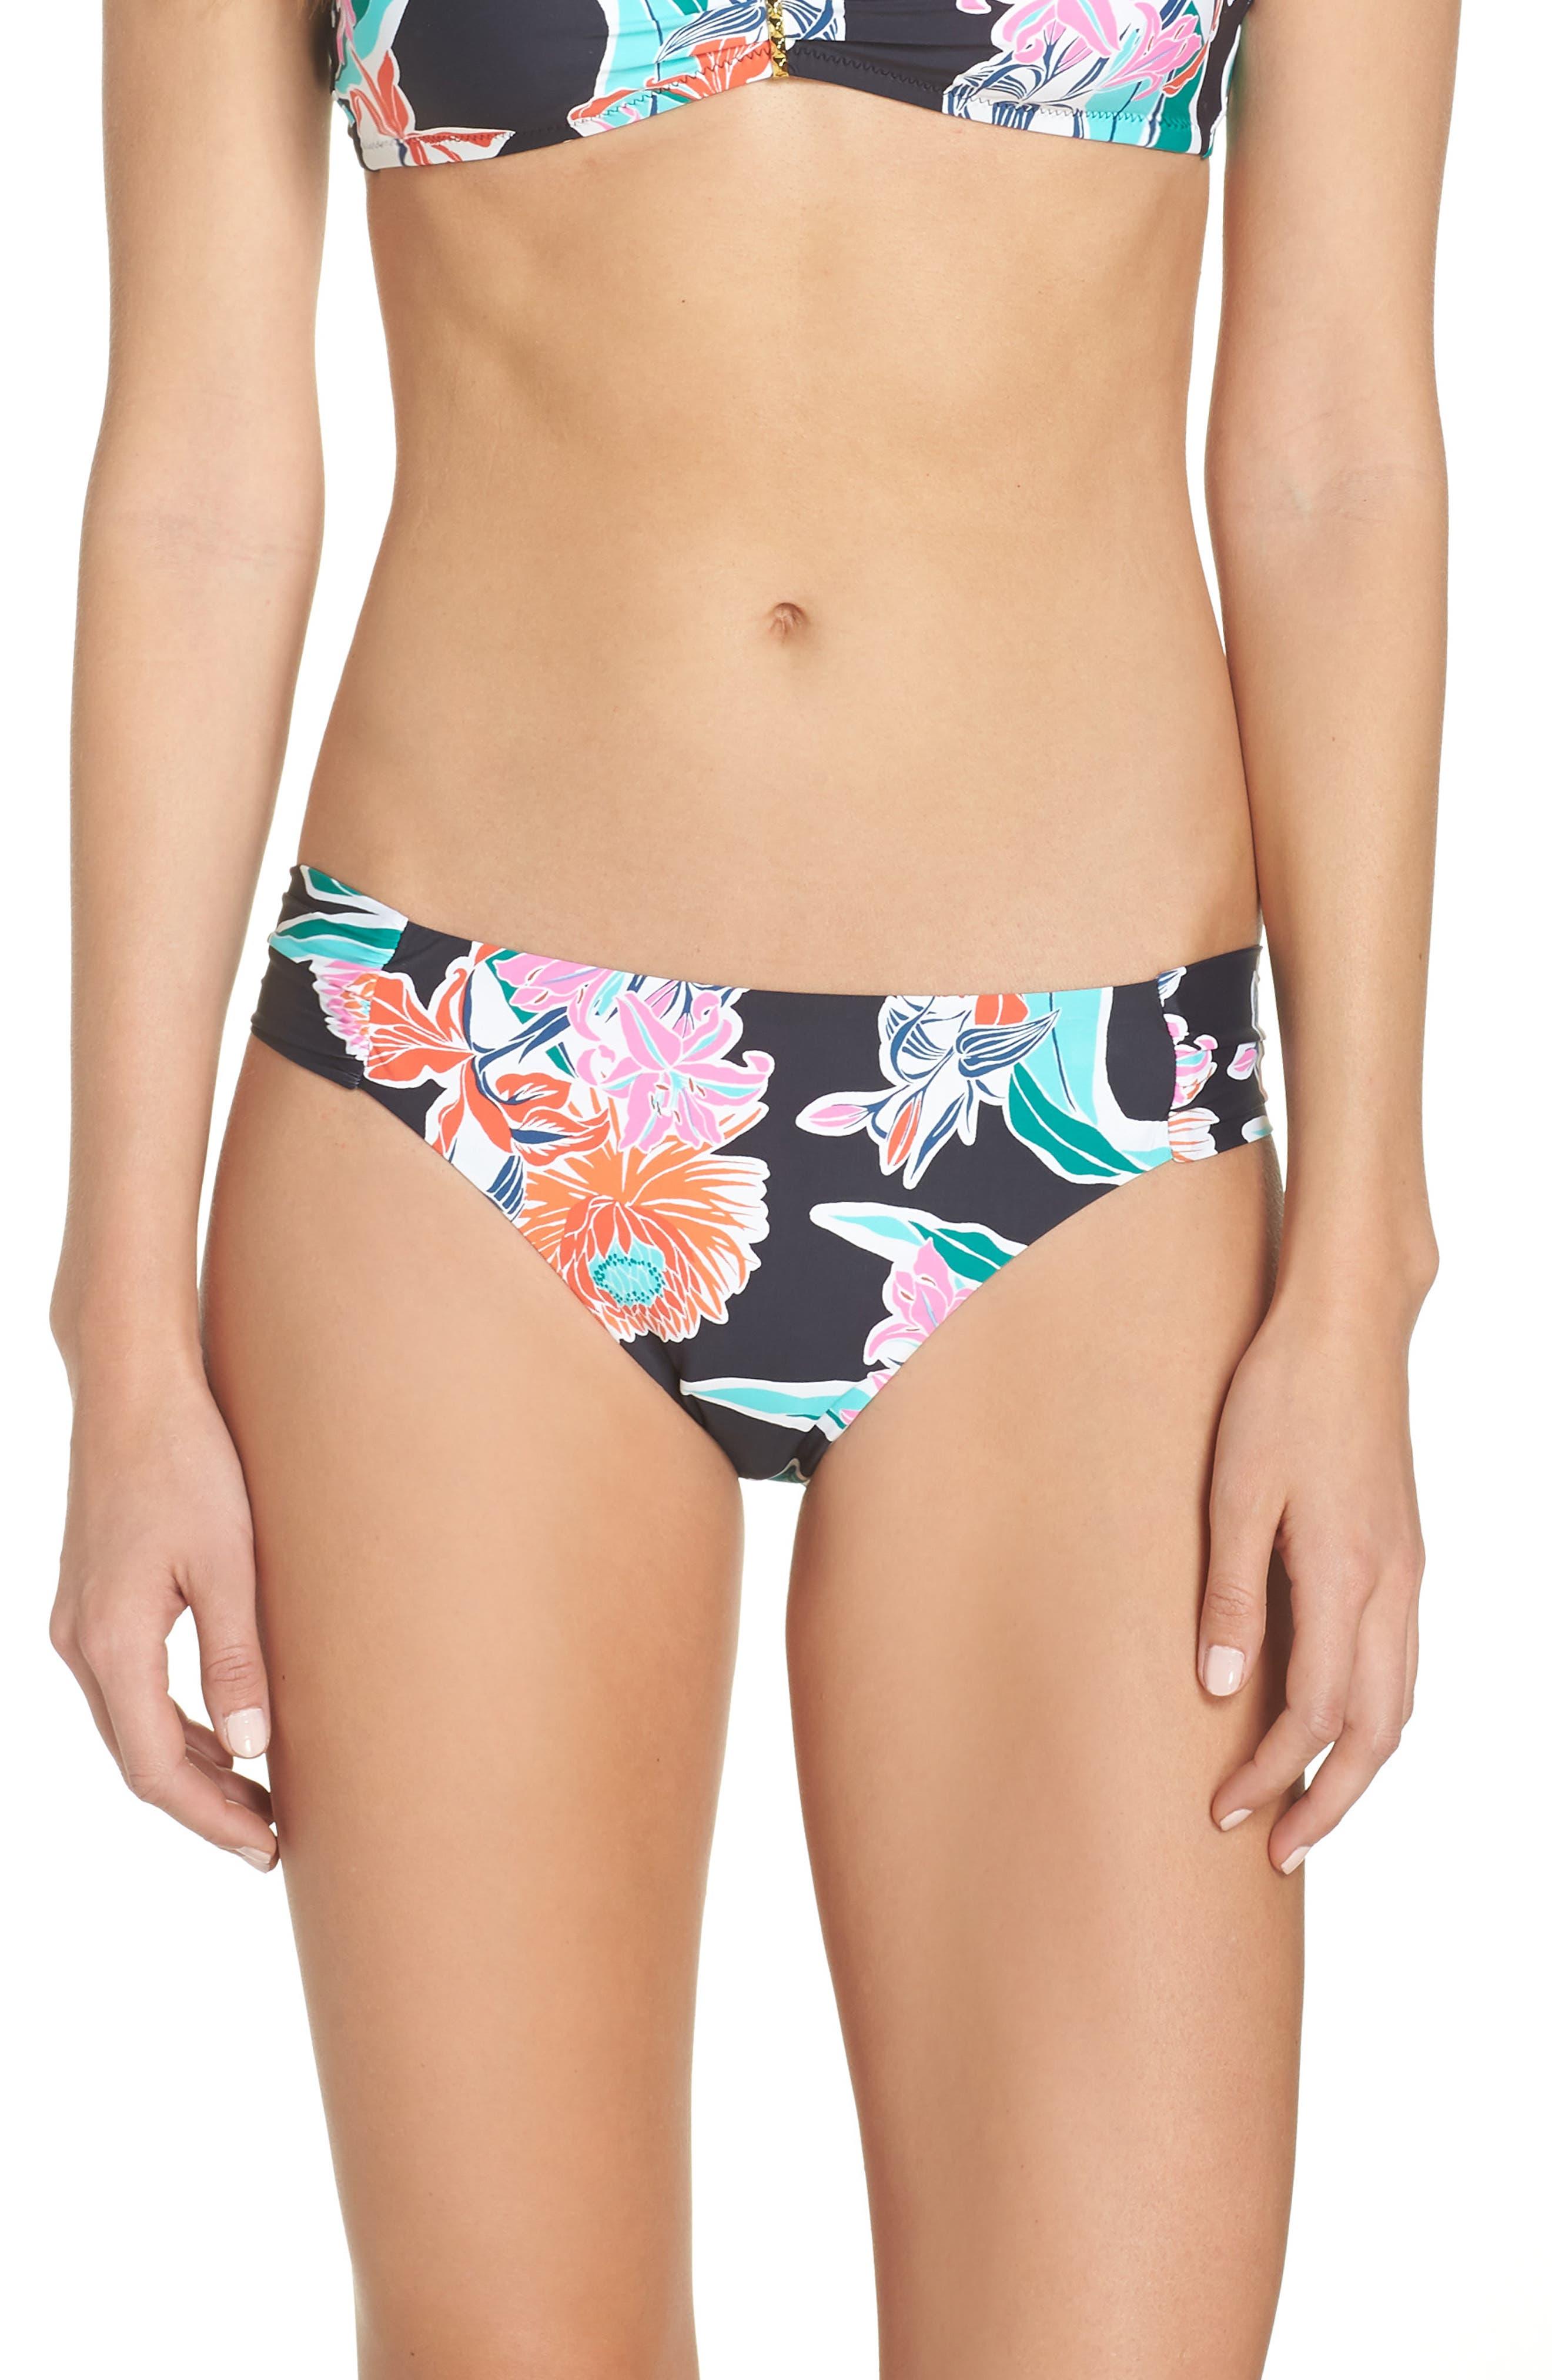 TRINA TURK, Shirred Floral Bikini Bottoms, Main thumbnail 1, color, BLACK MULTI